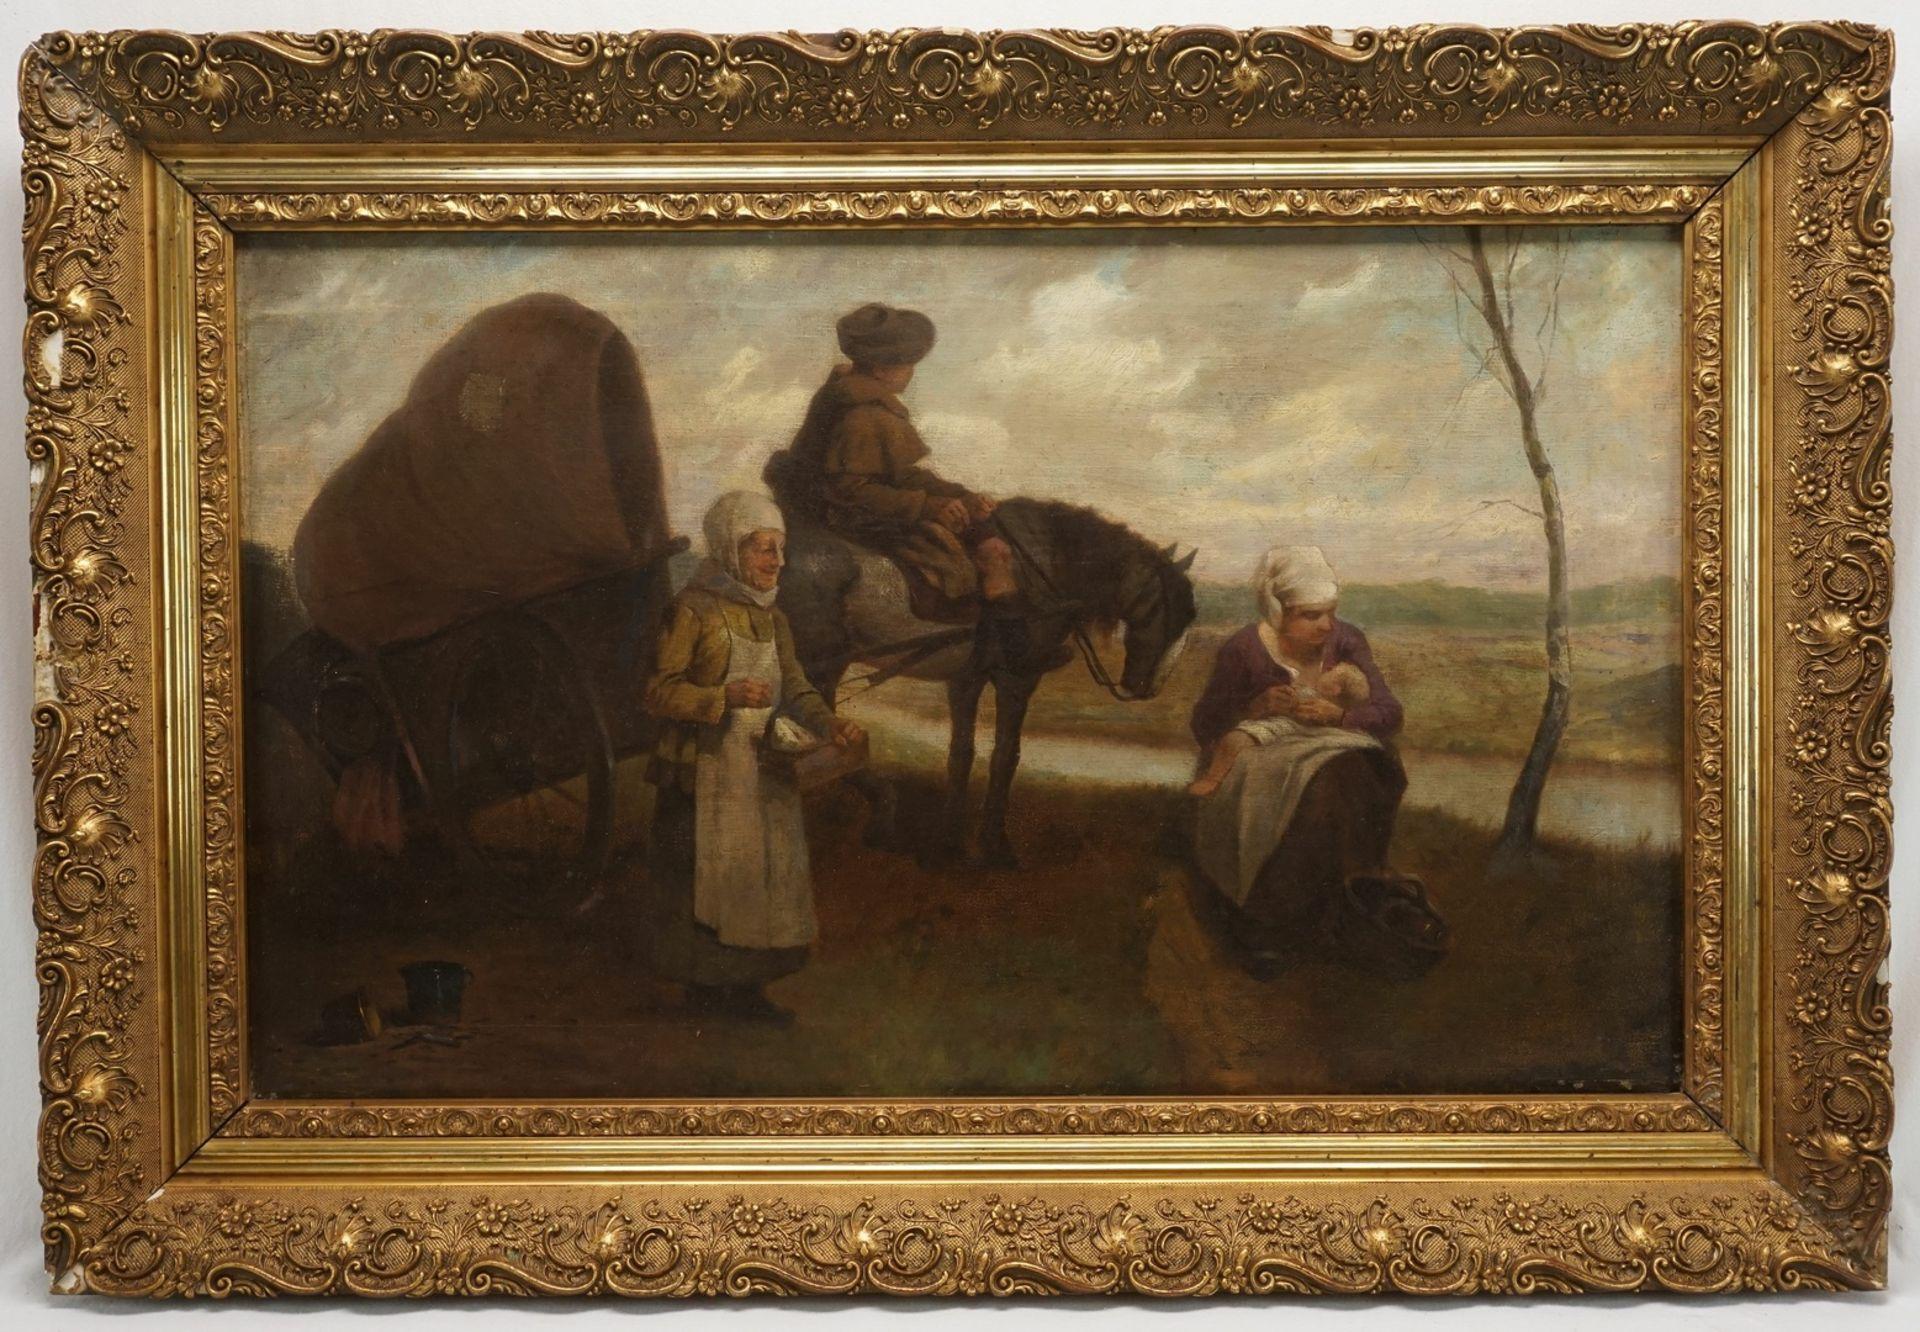 Unbekannter Maler, Rast auf der Reise mit dem Planwagen - Bild 2 aus 3